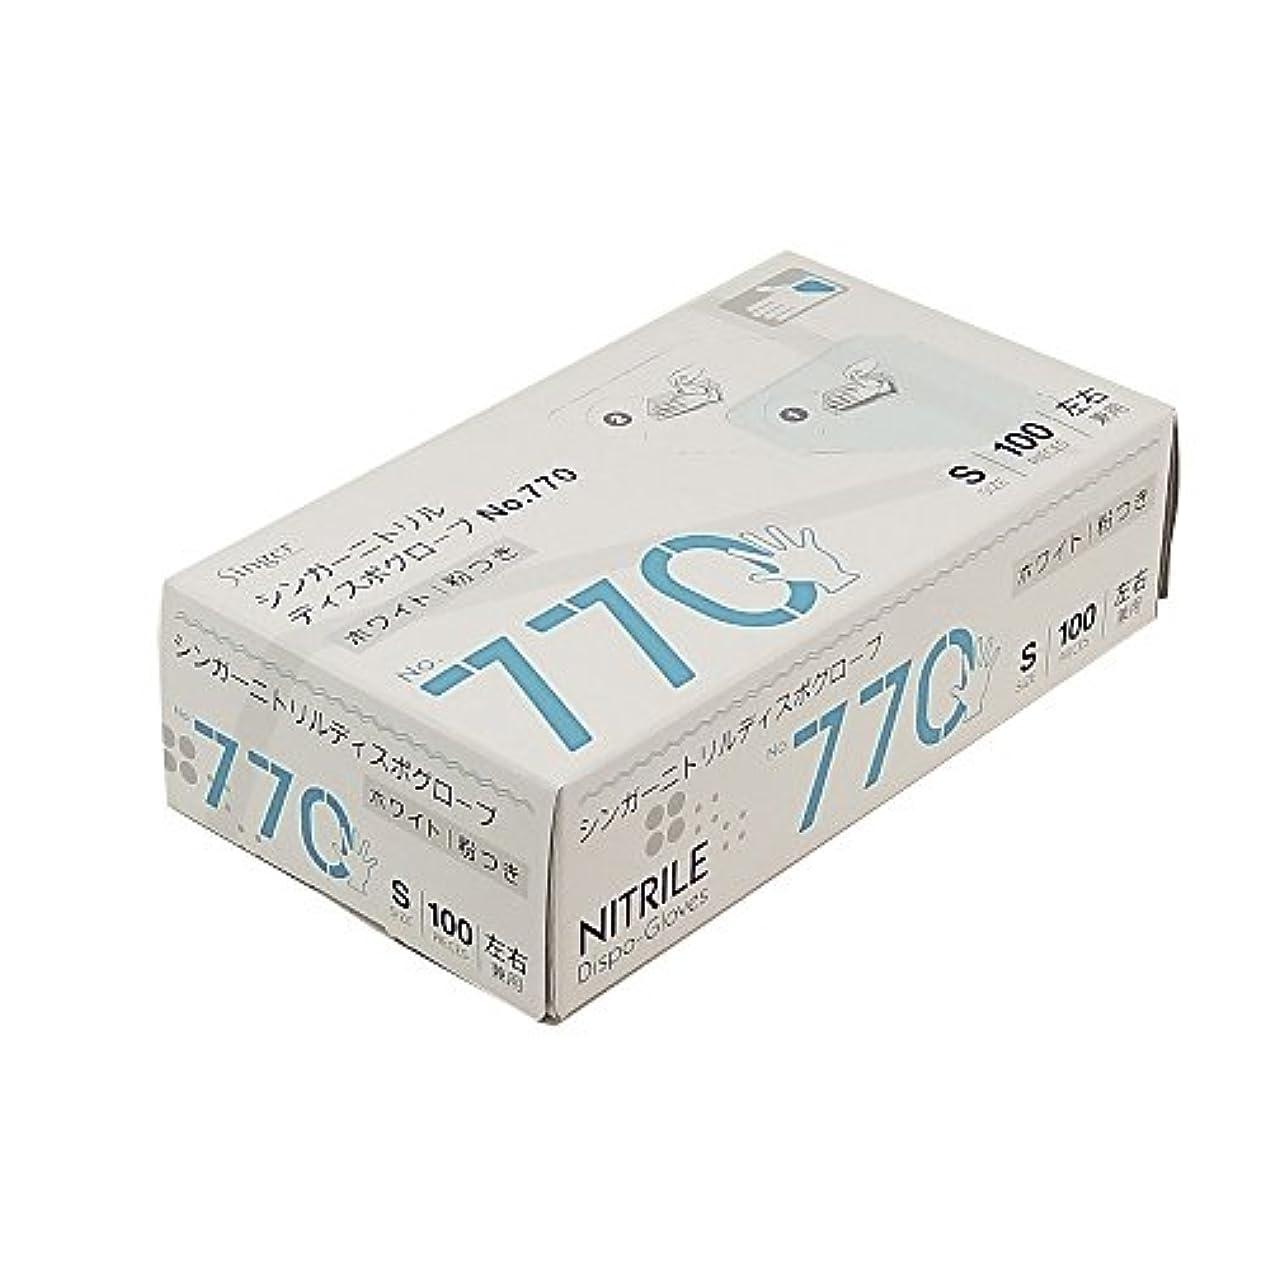 おびえたベギン控える宇都宮製作 ディスポ手袋 シンガーニトリルディスポグローブ No.770 ホワイト 粉付 100枚入  S